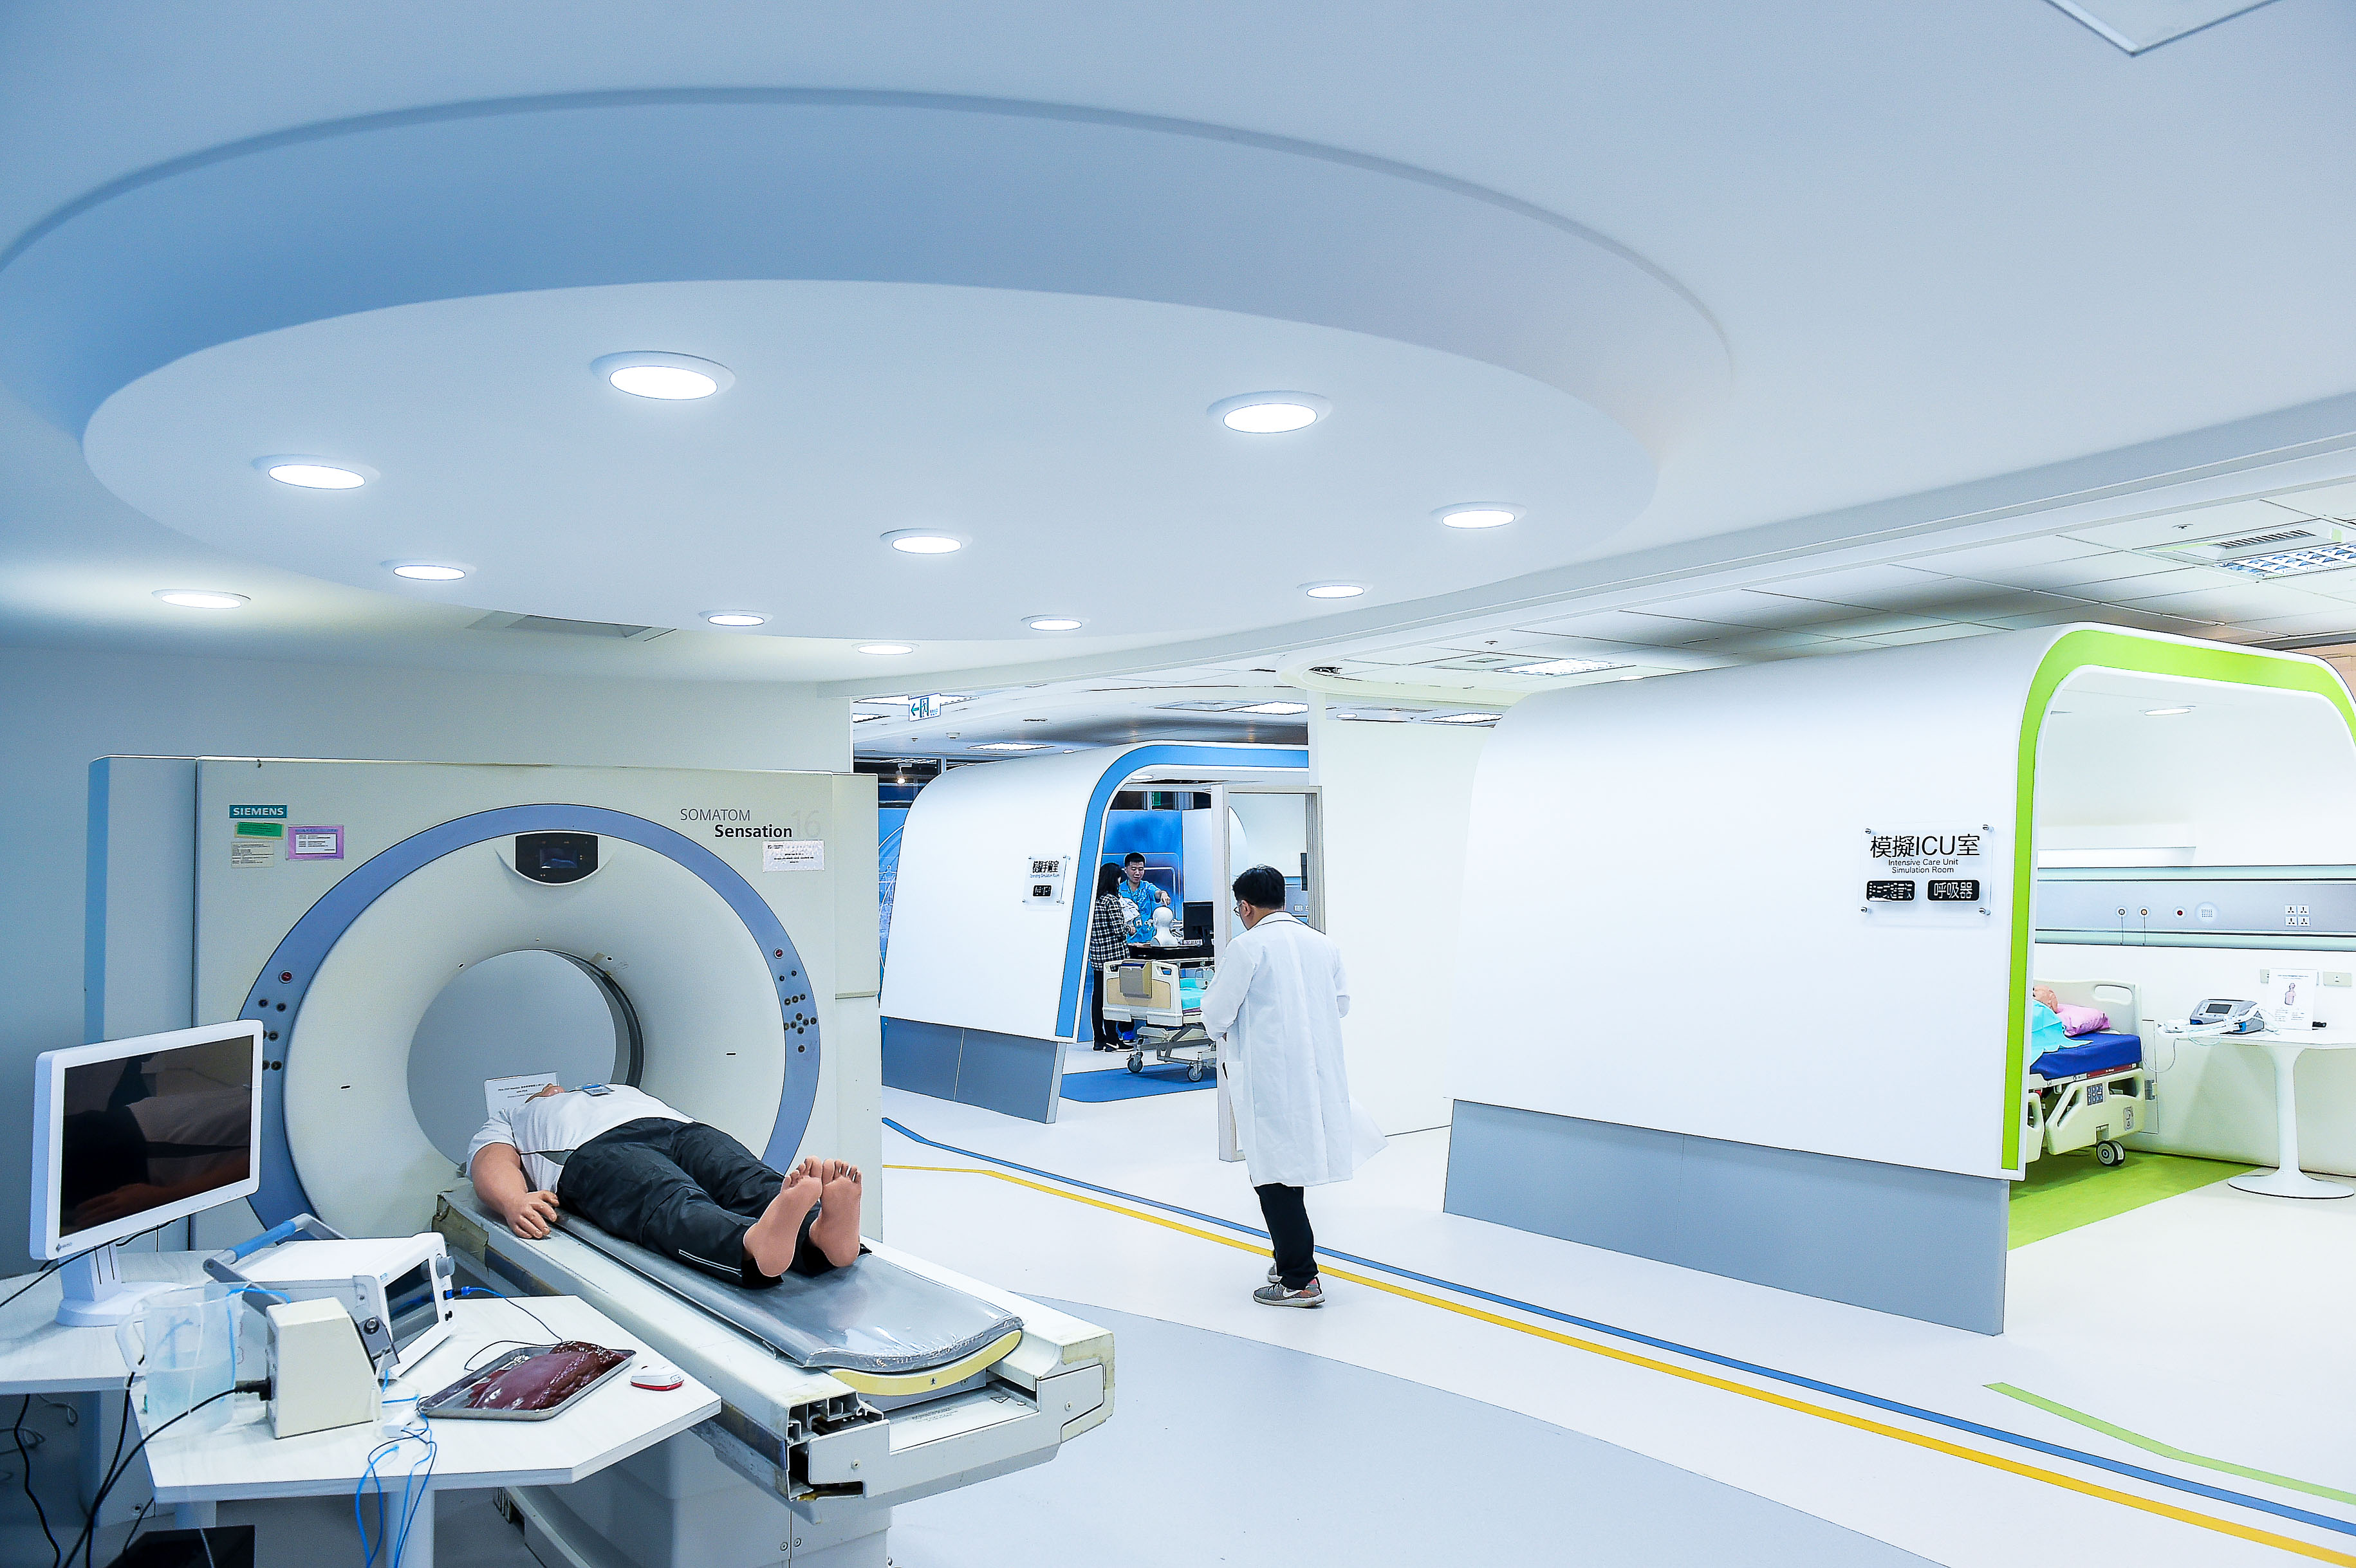 臺灣首座「生醫產業跨域整合實驗場域」於日前開幕,將助高階醫材研發更接地氣、產業化時程更快速。